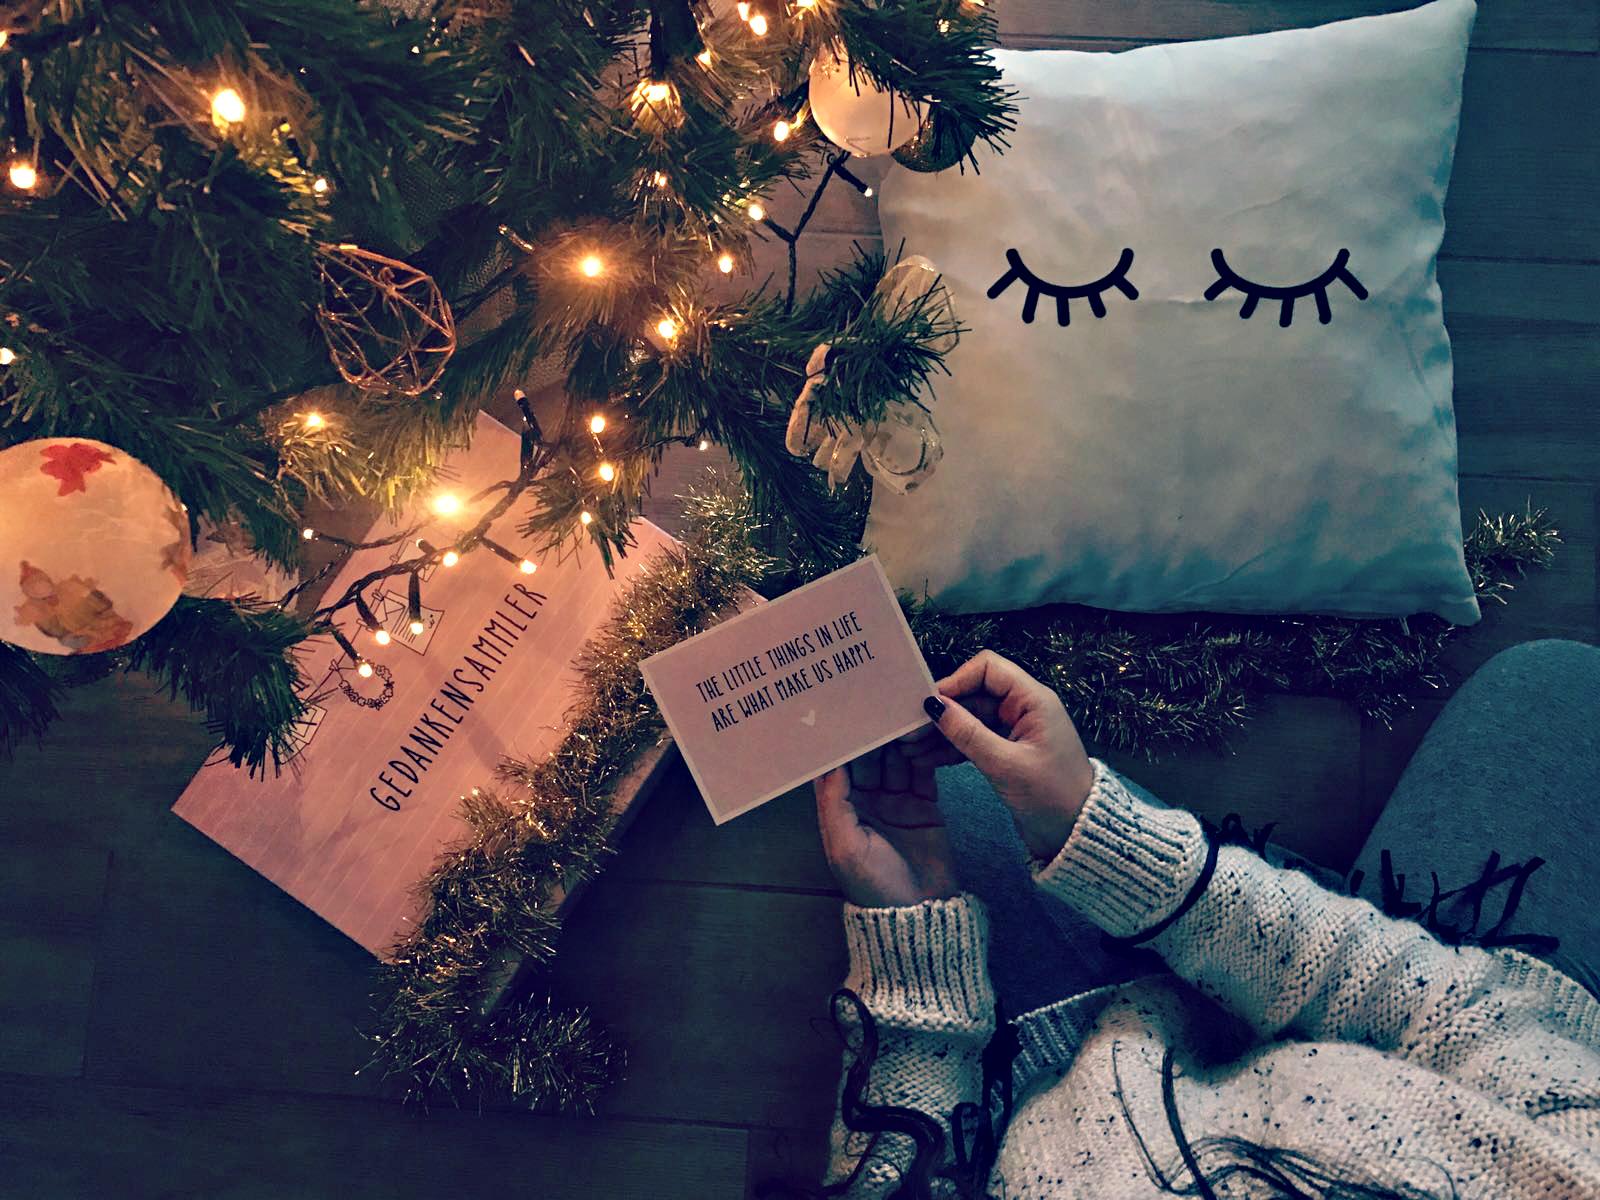 Regali Di Natale Pensierini.Pensieri In Viaggio Regali Di Natale E Non Per Viaggiatori